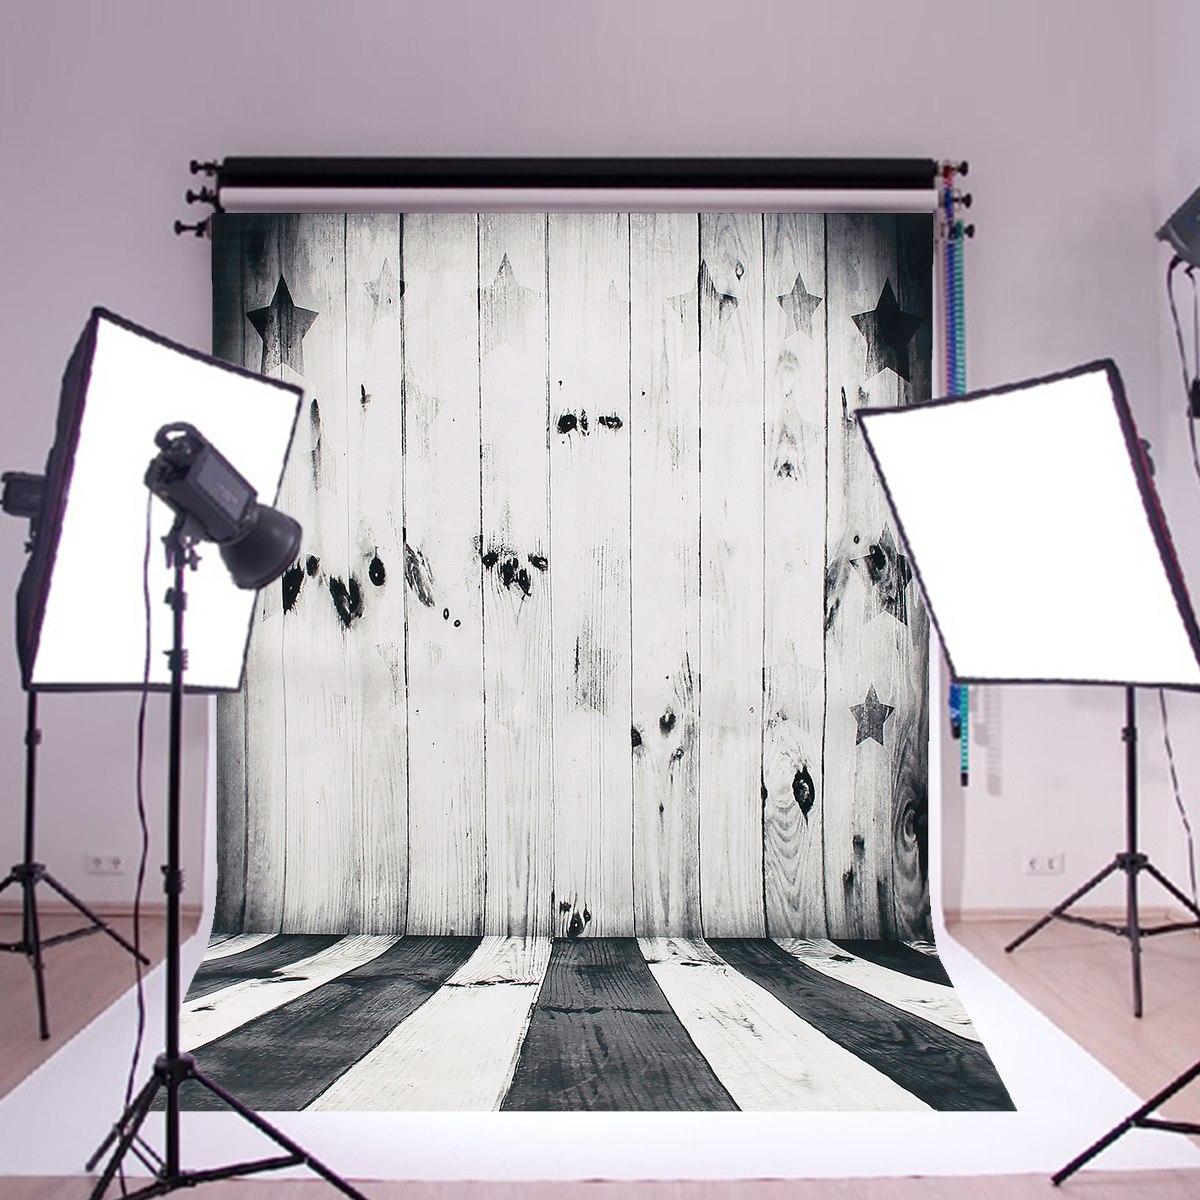 decoración Lienzo Impresión Arte Enmarcado... (pattern 2) - $ 25.990 ...